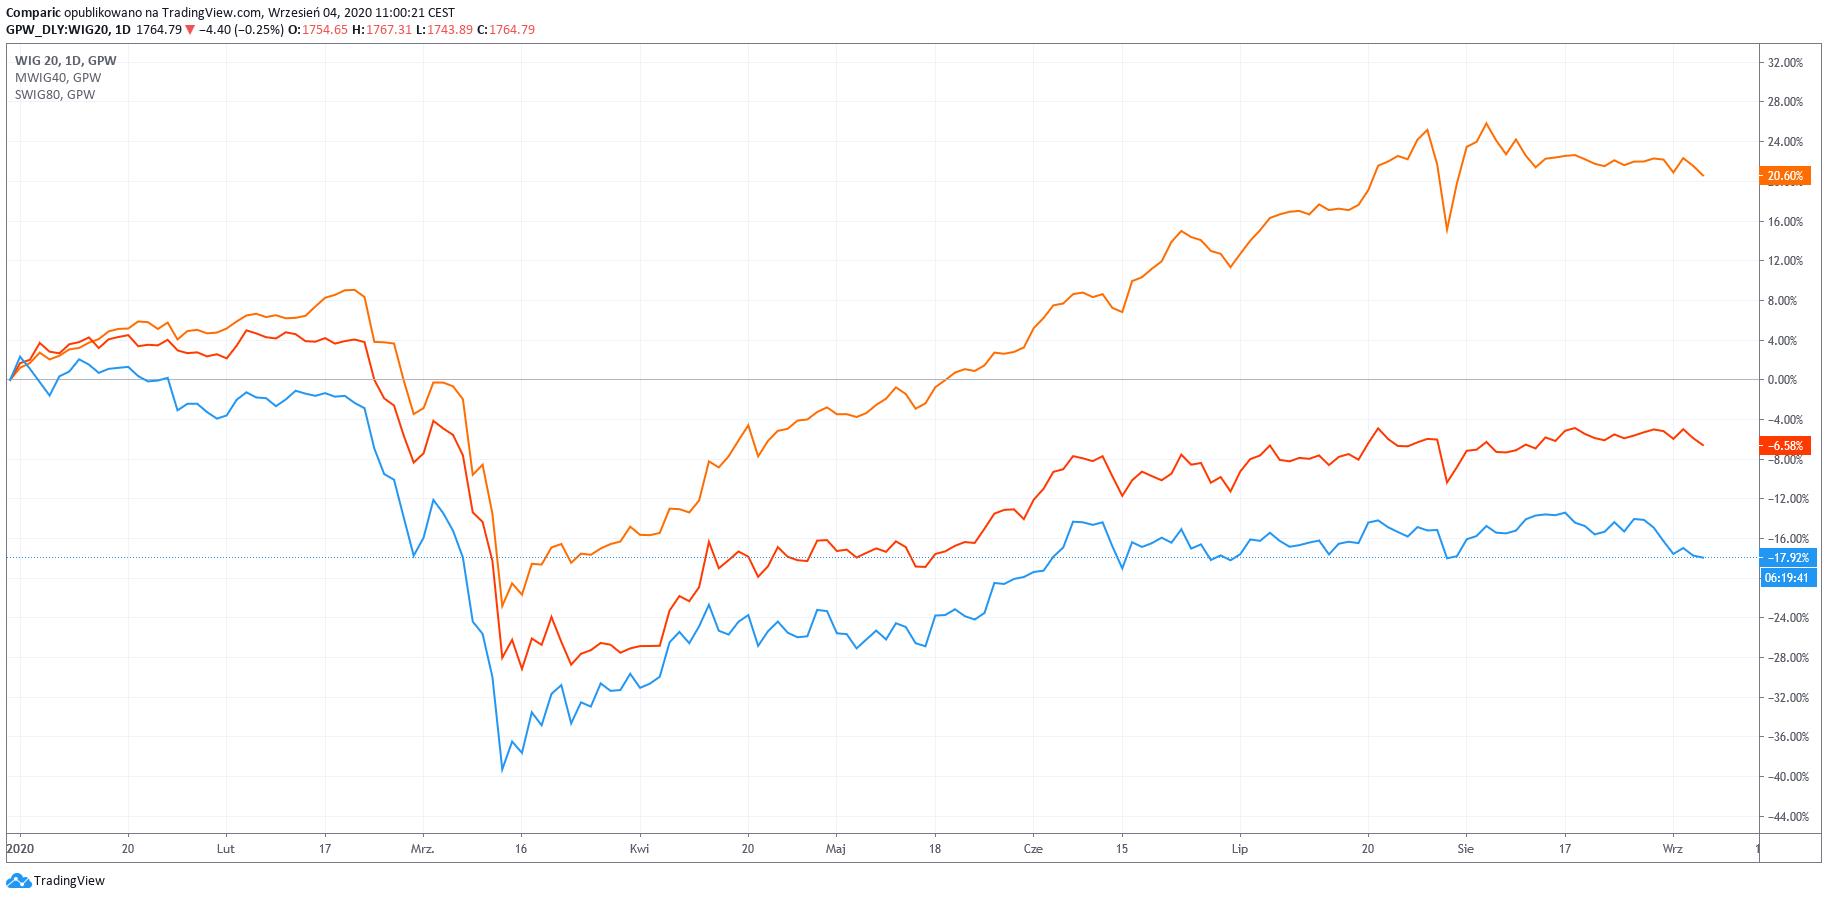 XTB i Datawalk wchodzą do mWIG40. Sporo roszad w składzie indeksów na GPW